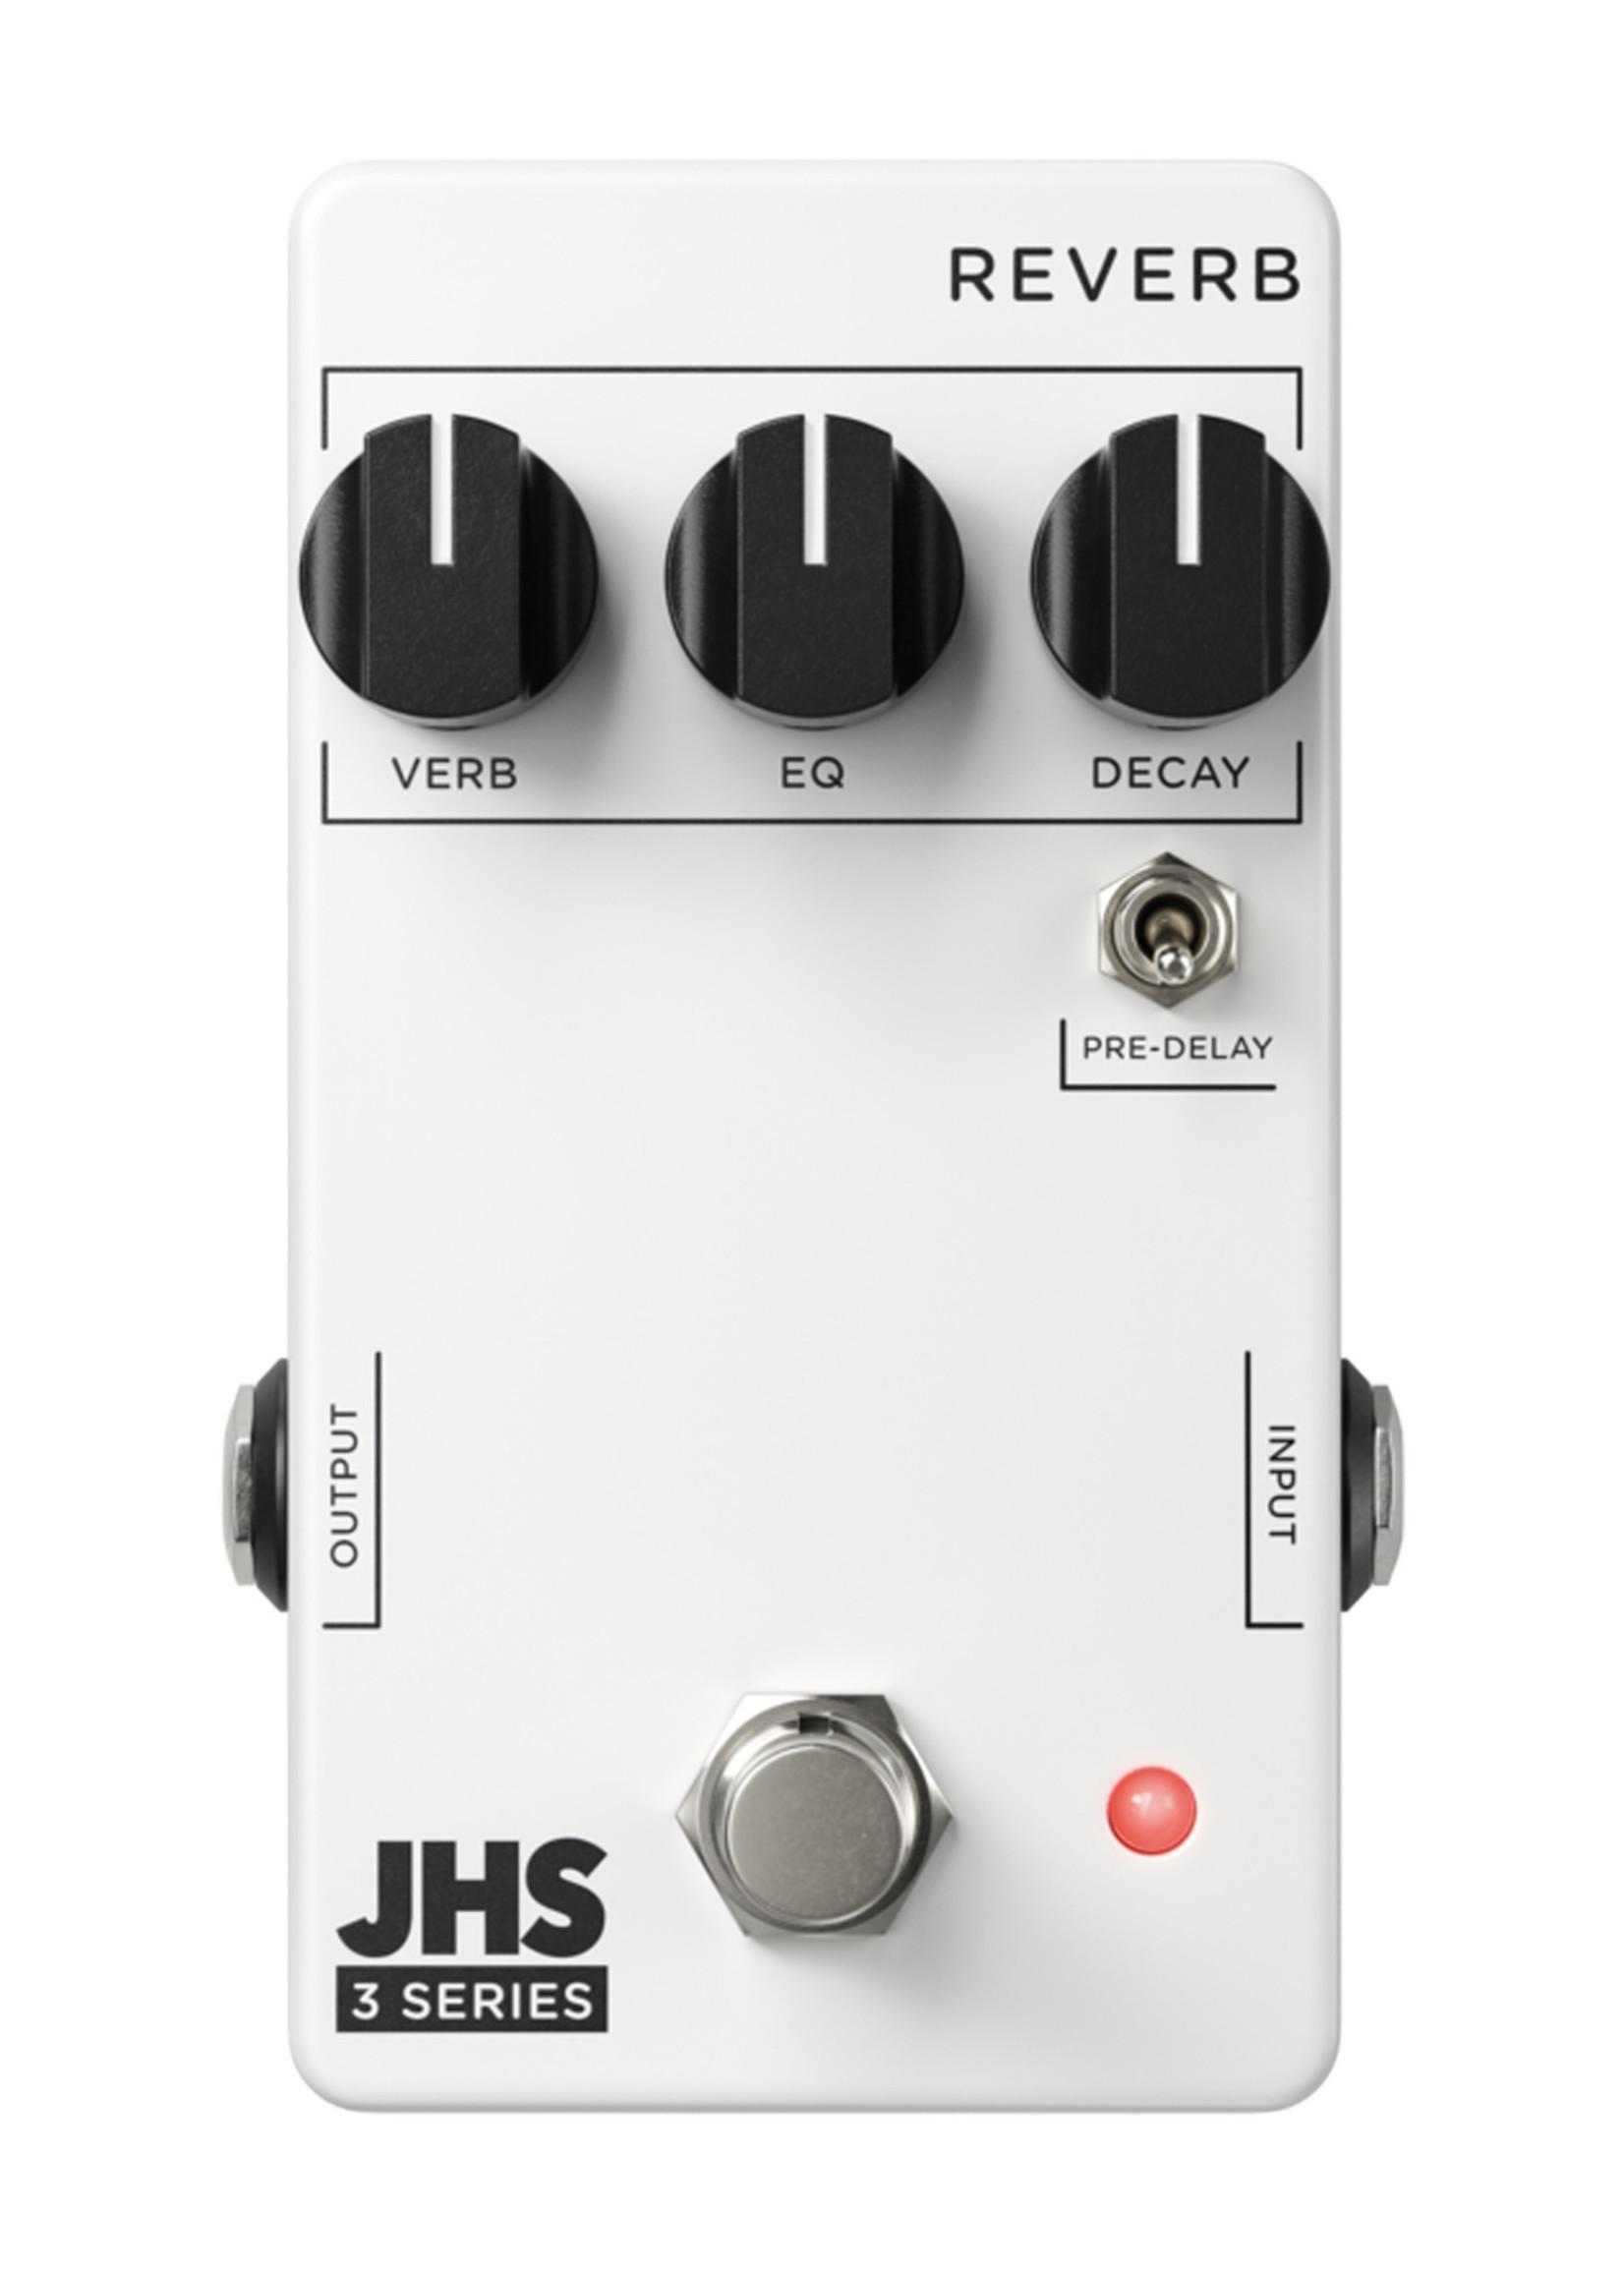 JHS JHS 3 Series Reverb